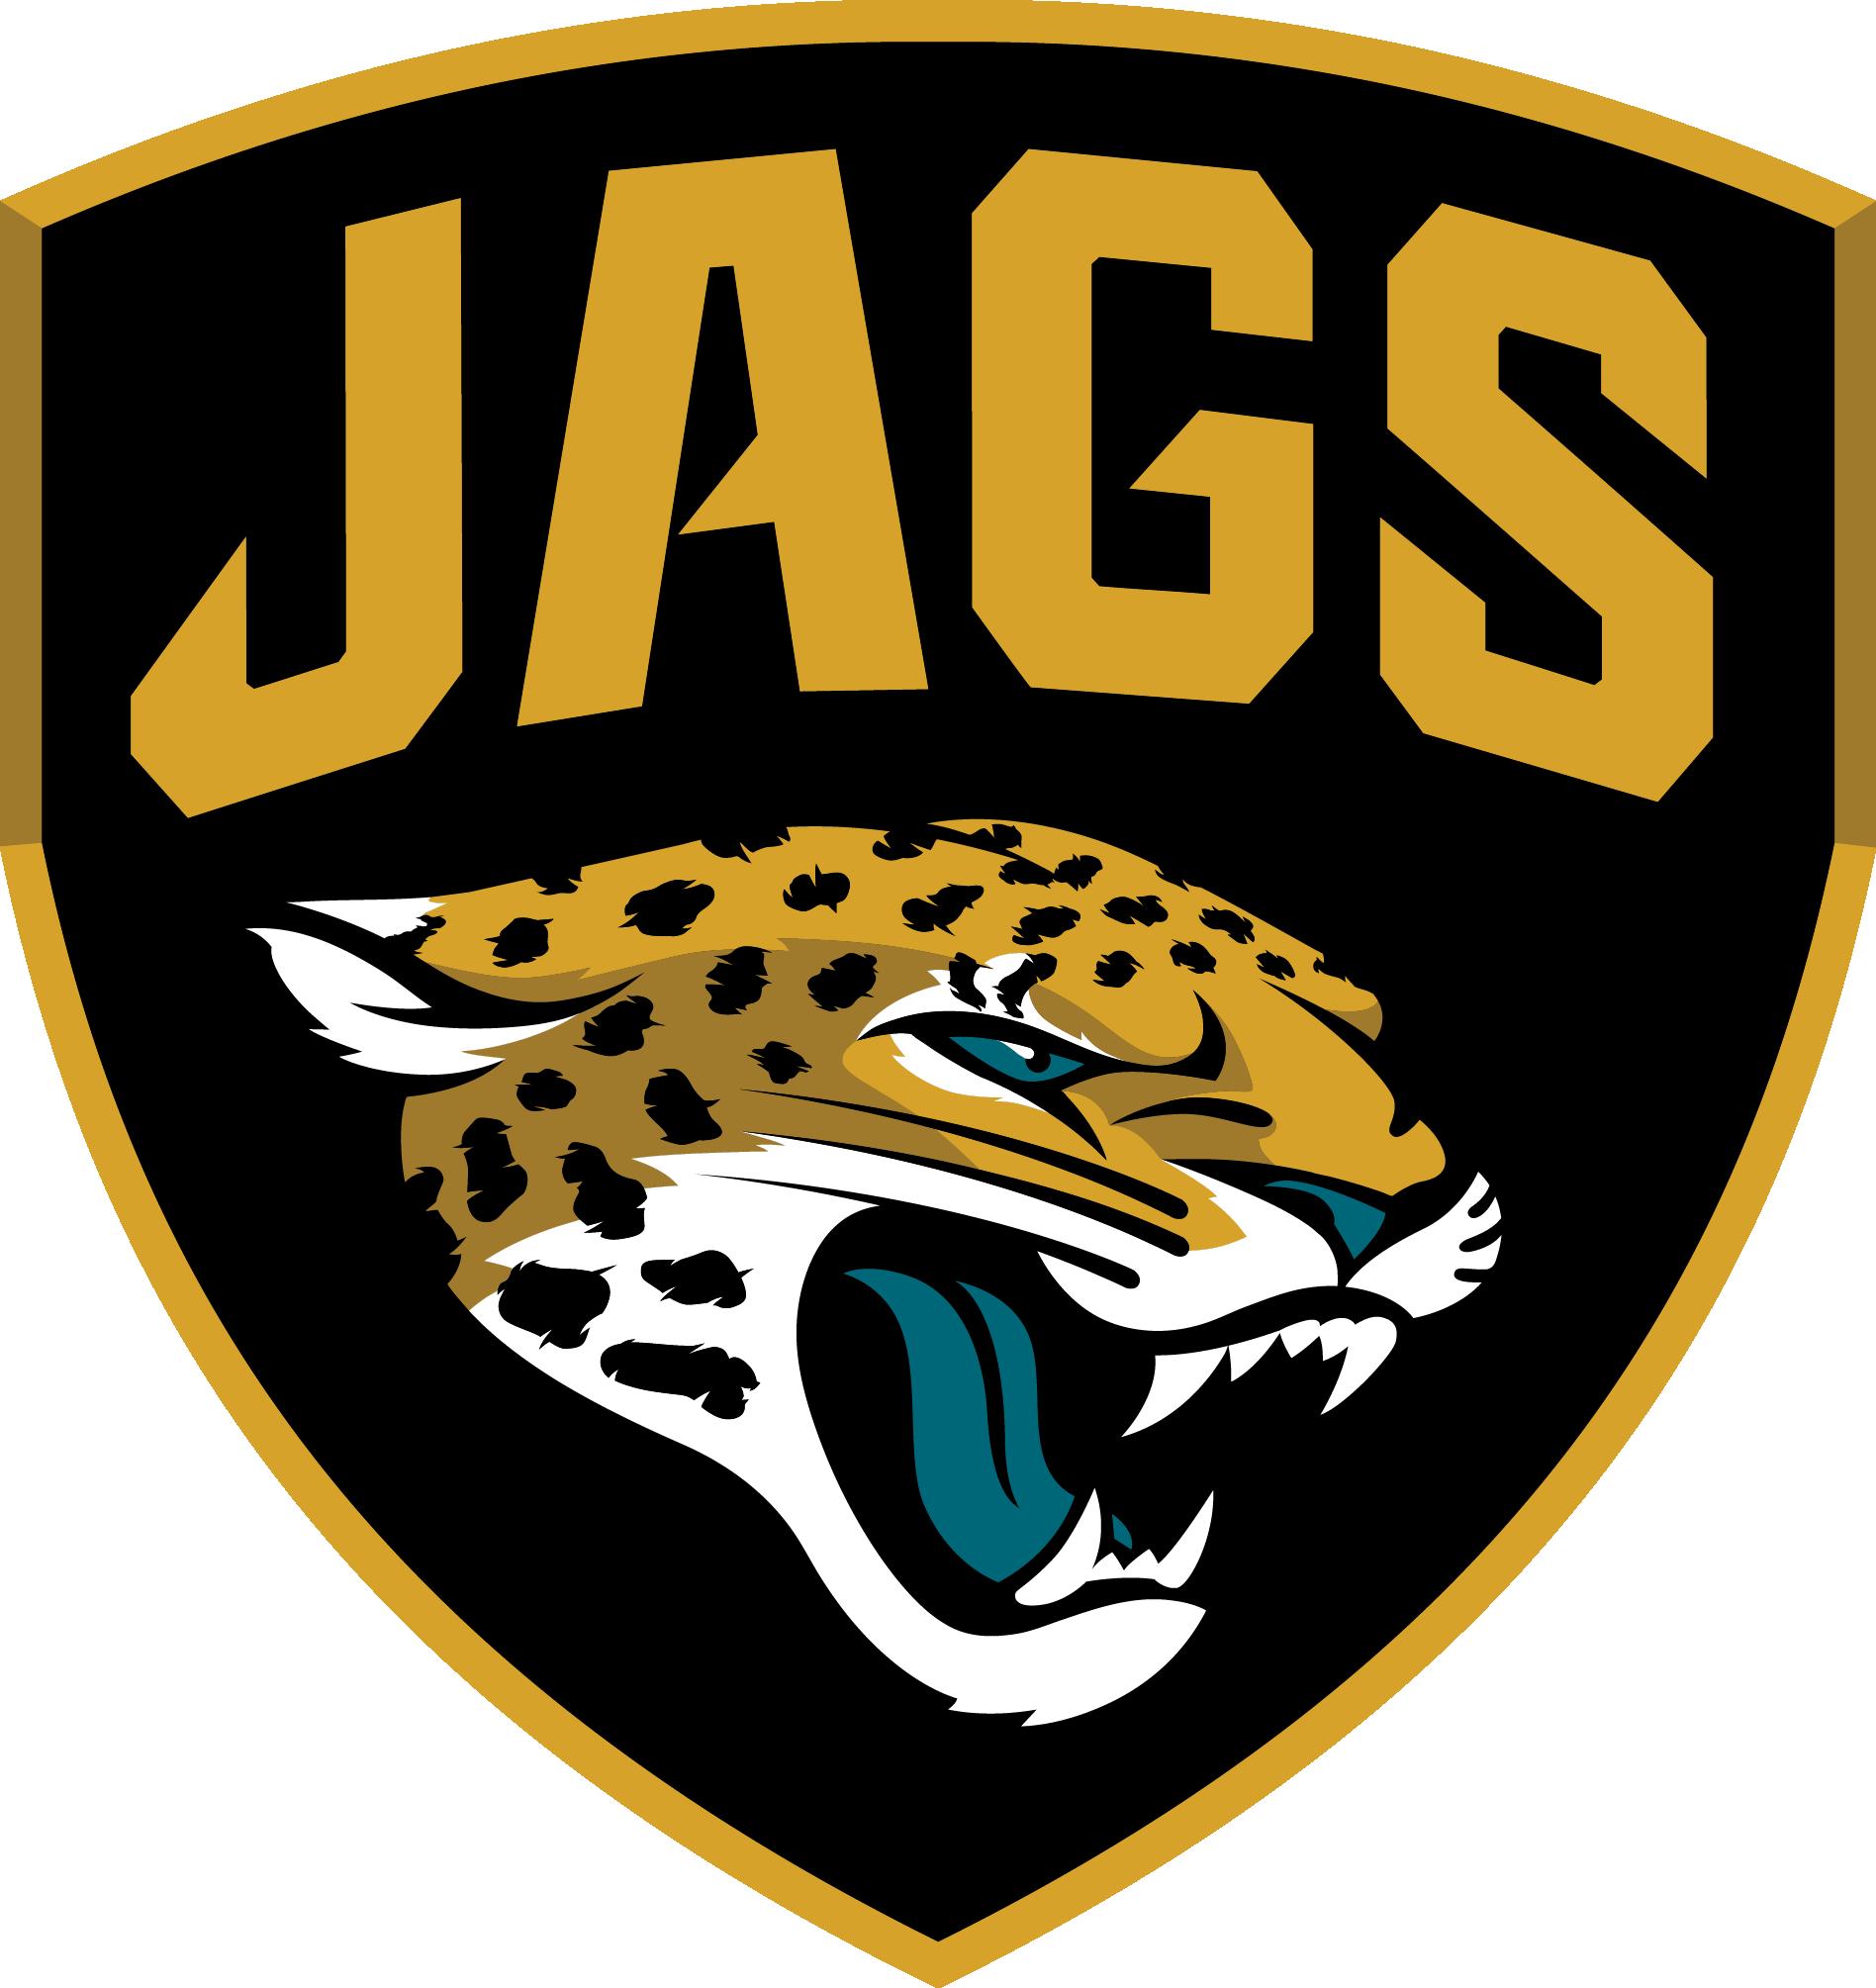 Pattern clipart jaguar. Jacksonville jaguars google search